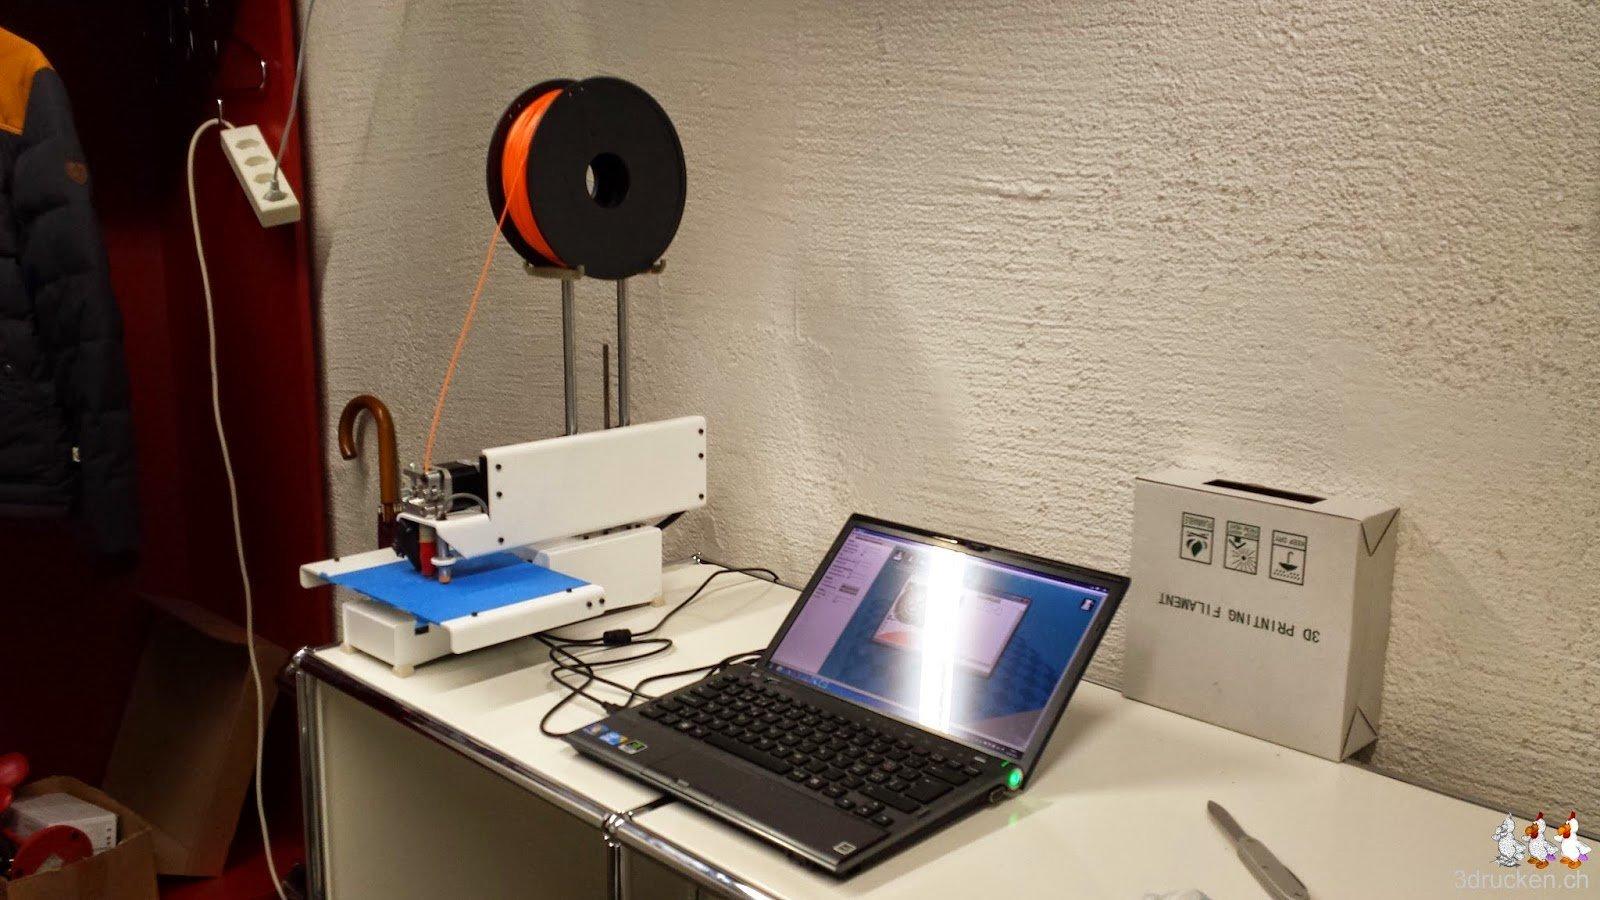 Foto des Testplatzes mit dem Printrbot Simple Metal mit montierter Rollenhalterung